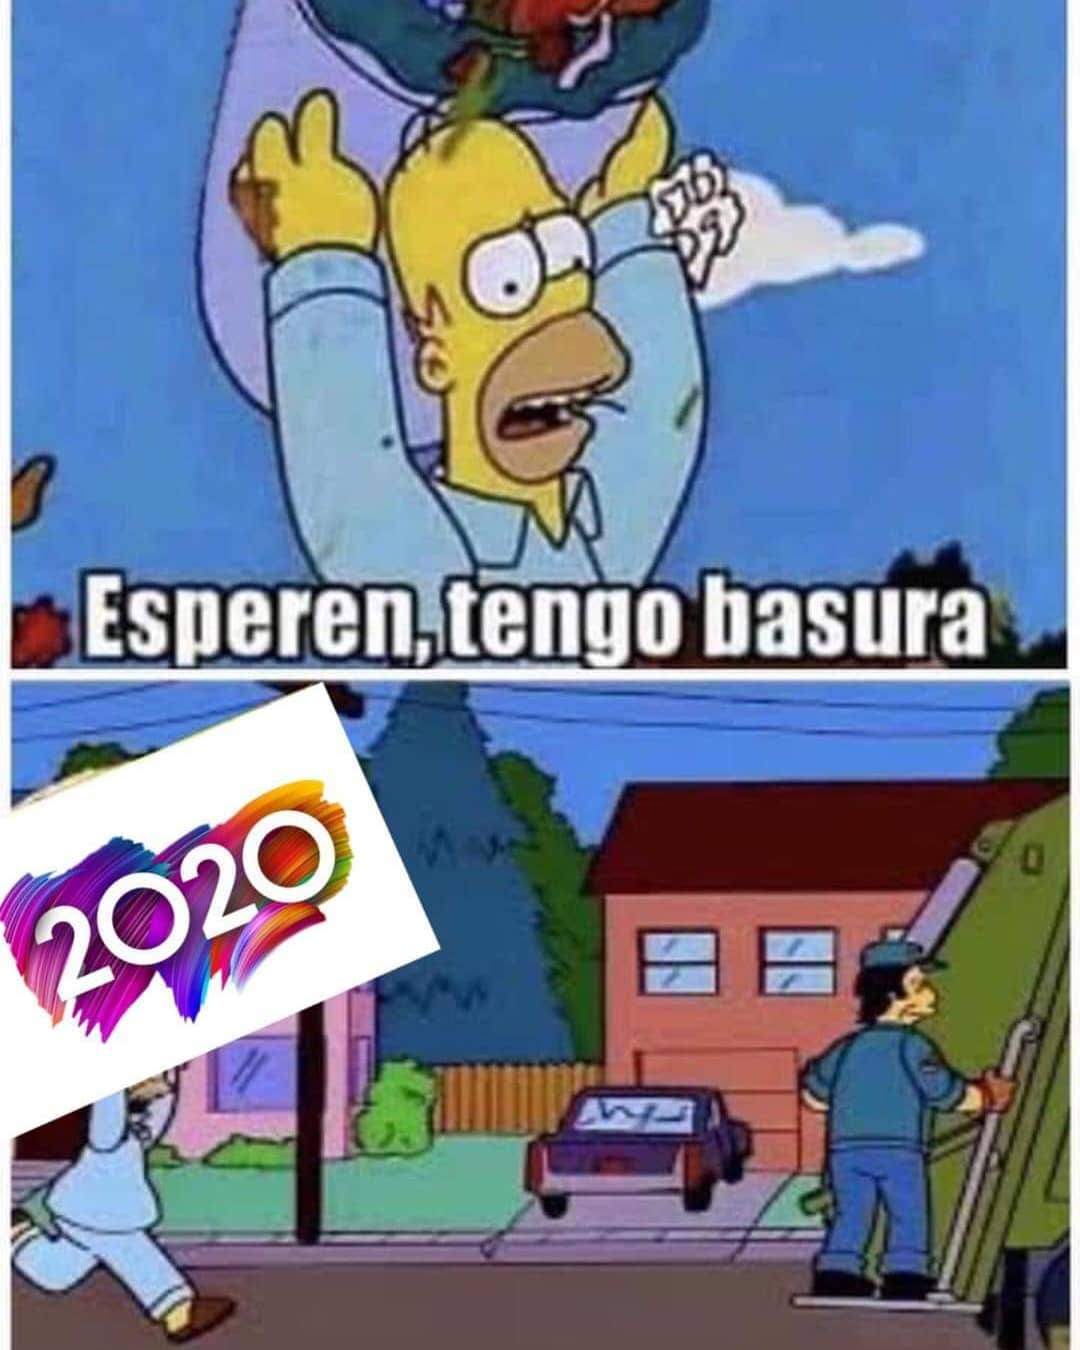 Esperen, tengo basura.  2020.